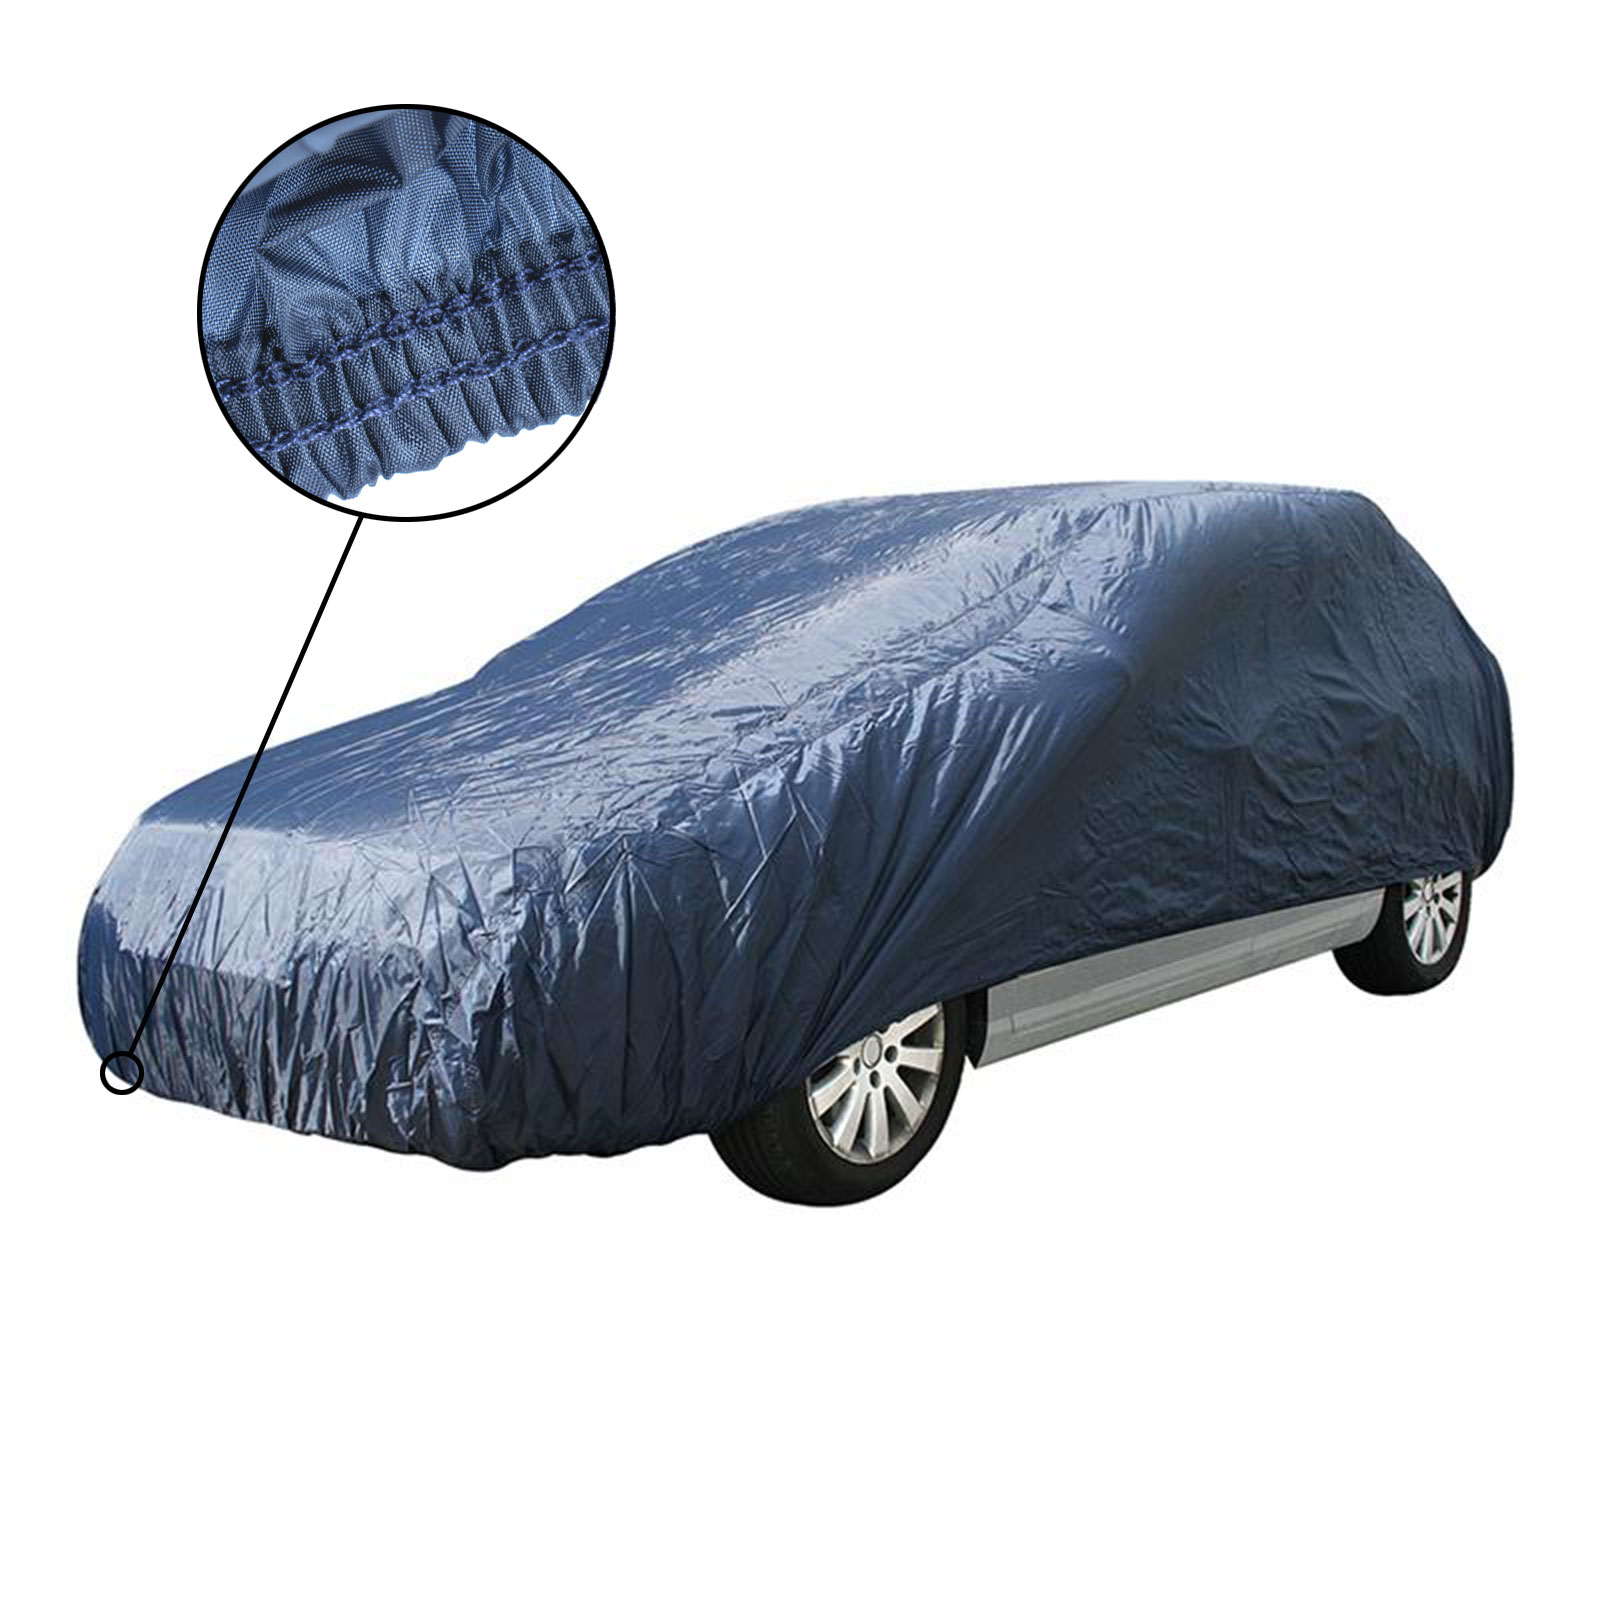 Auto Ganzgarage L für Mittelklassewagen, 490x178x120 cm, blau, mit Gummizug